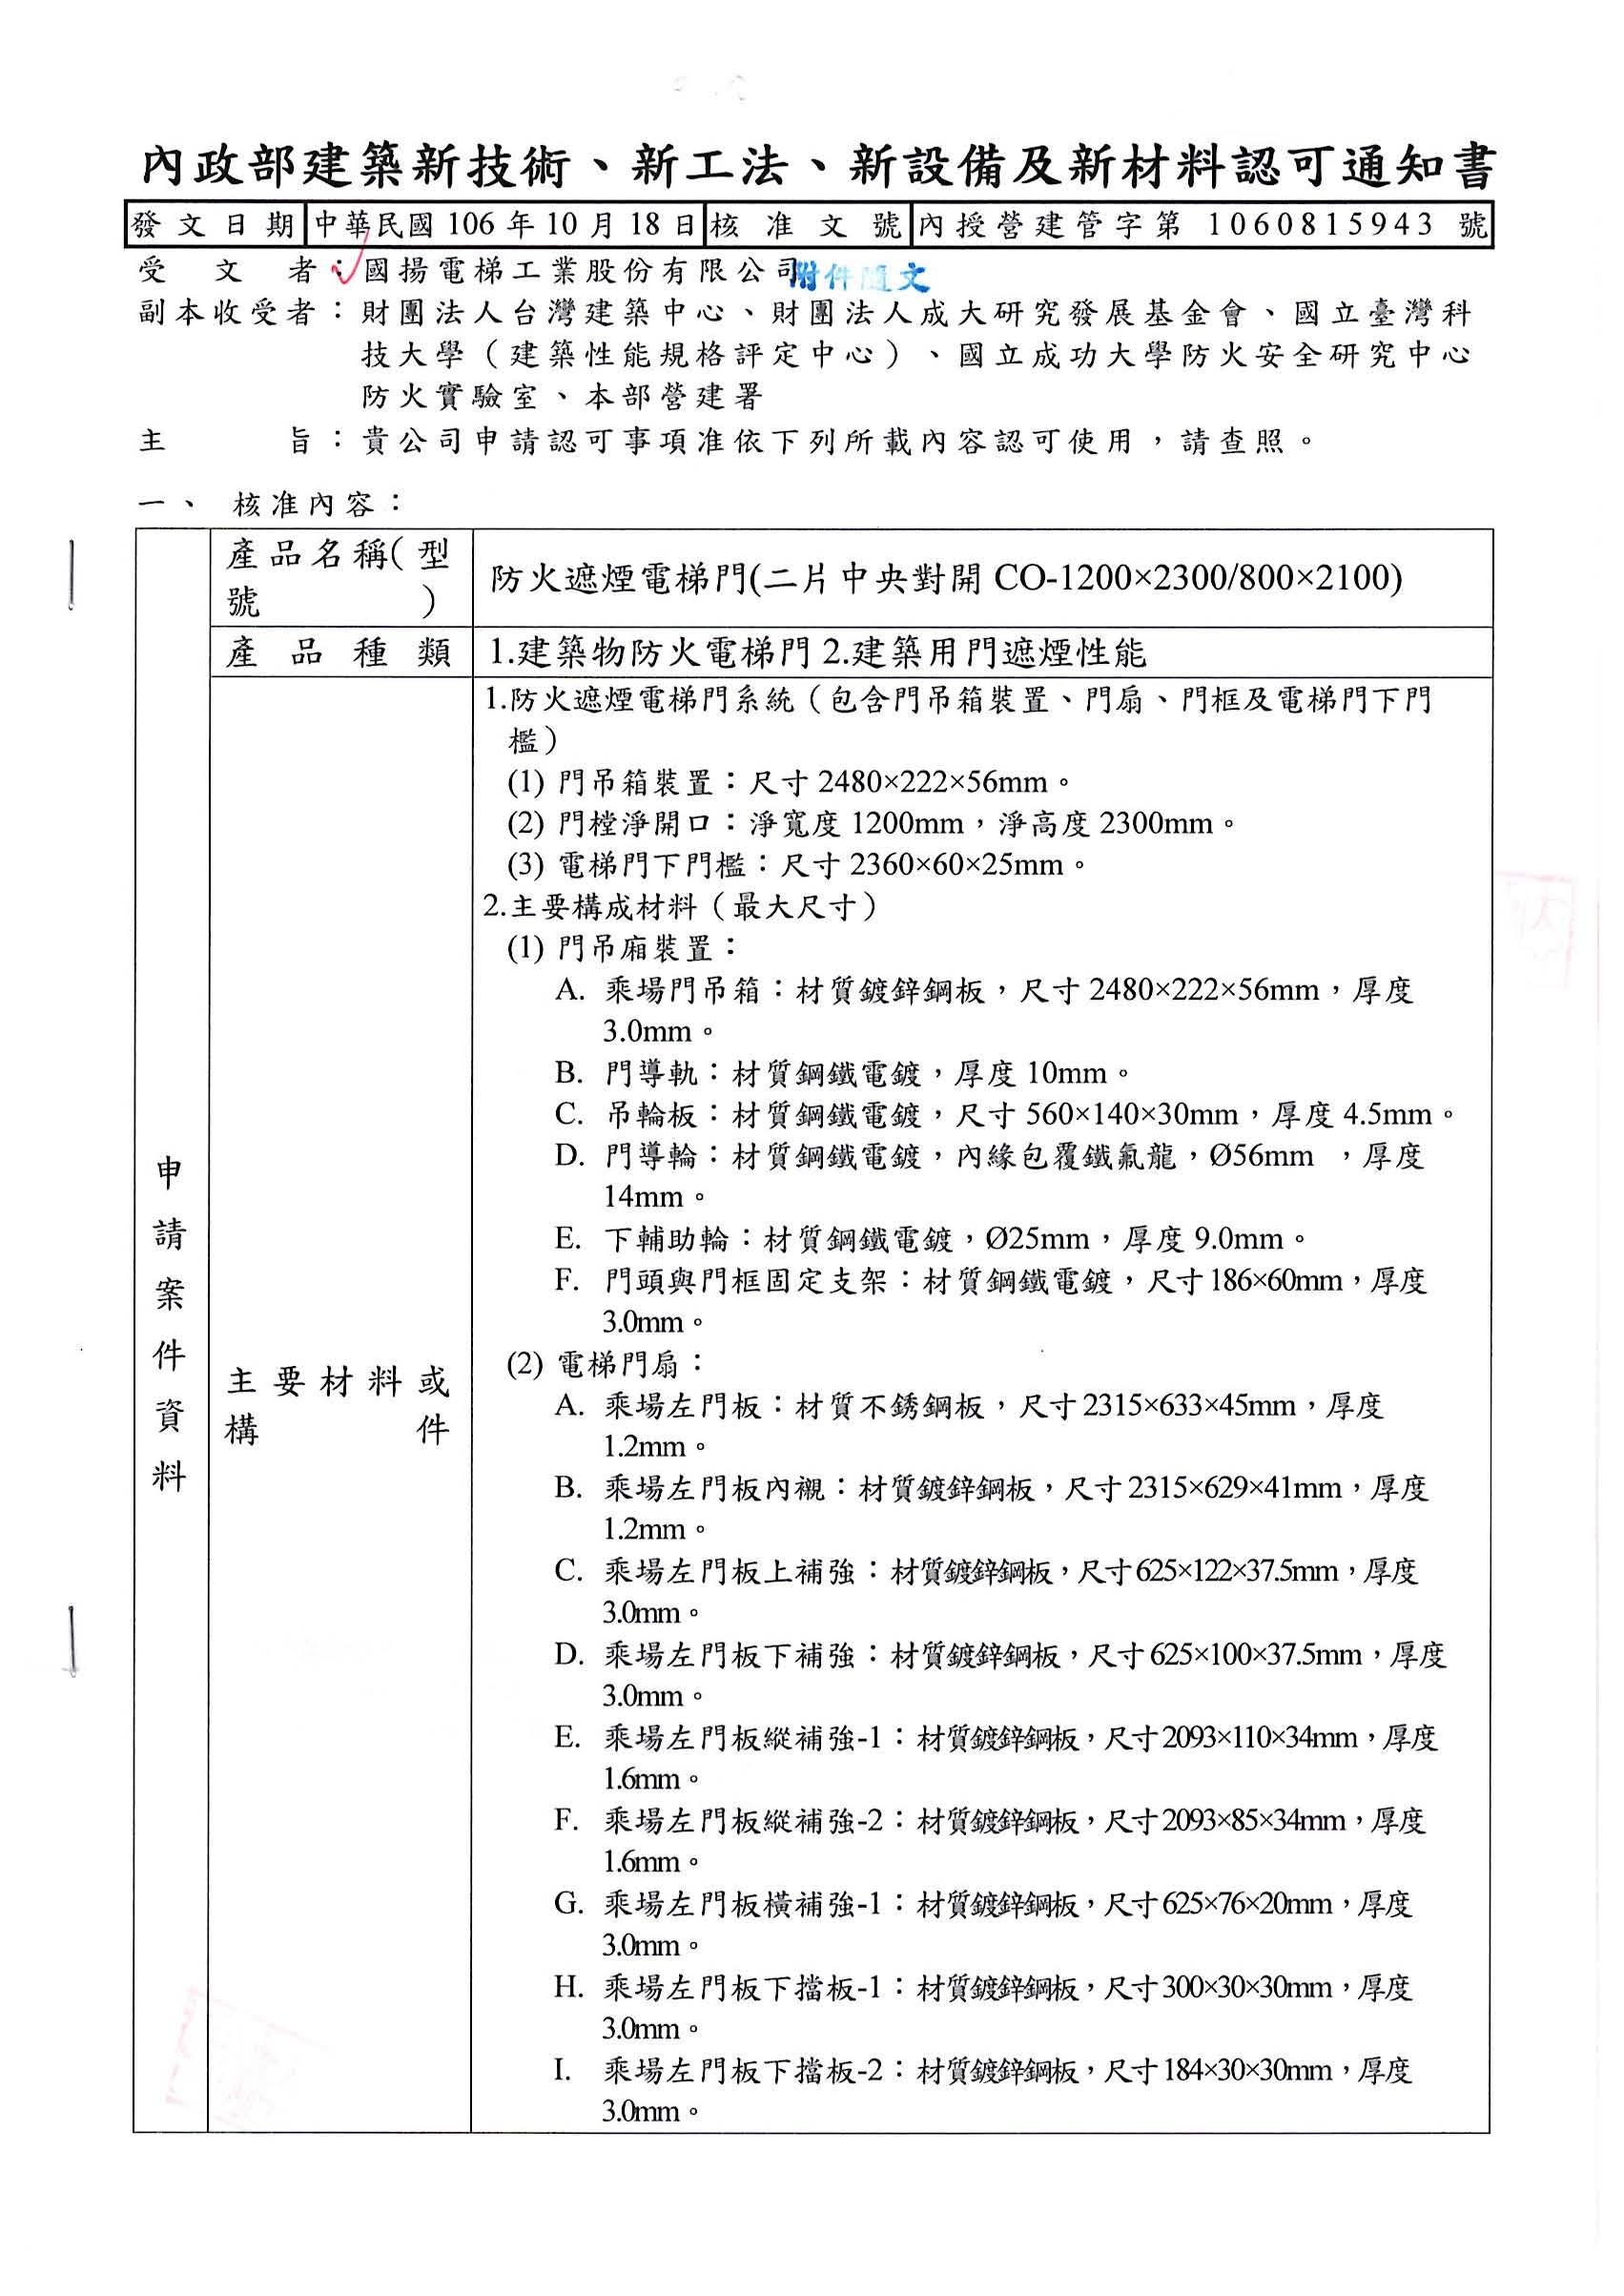 防火遮煙電梯門認可含_20171018_頁面_1.jpg